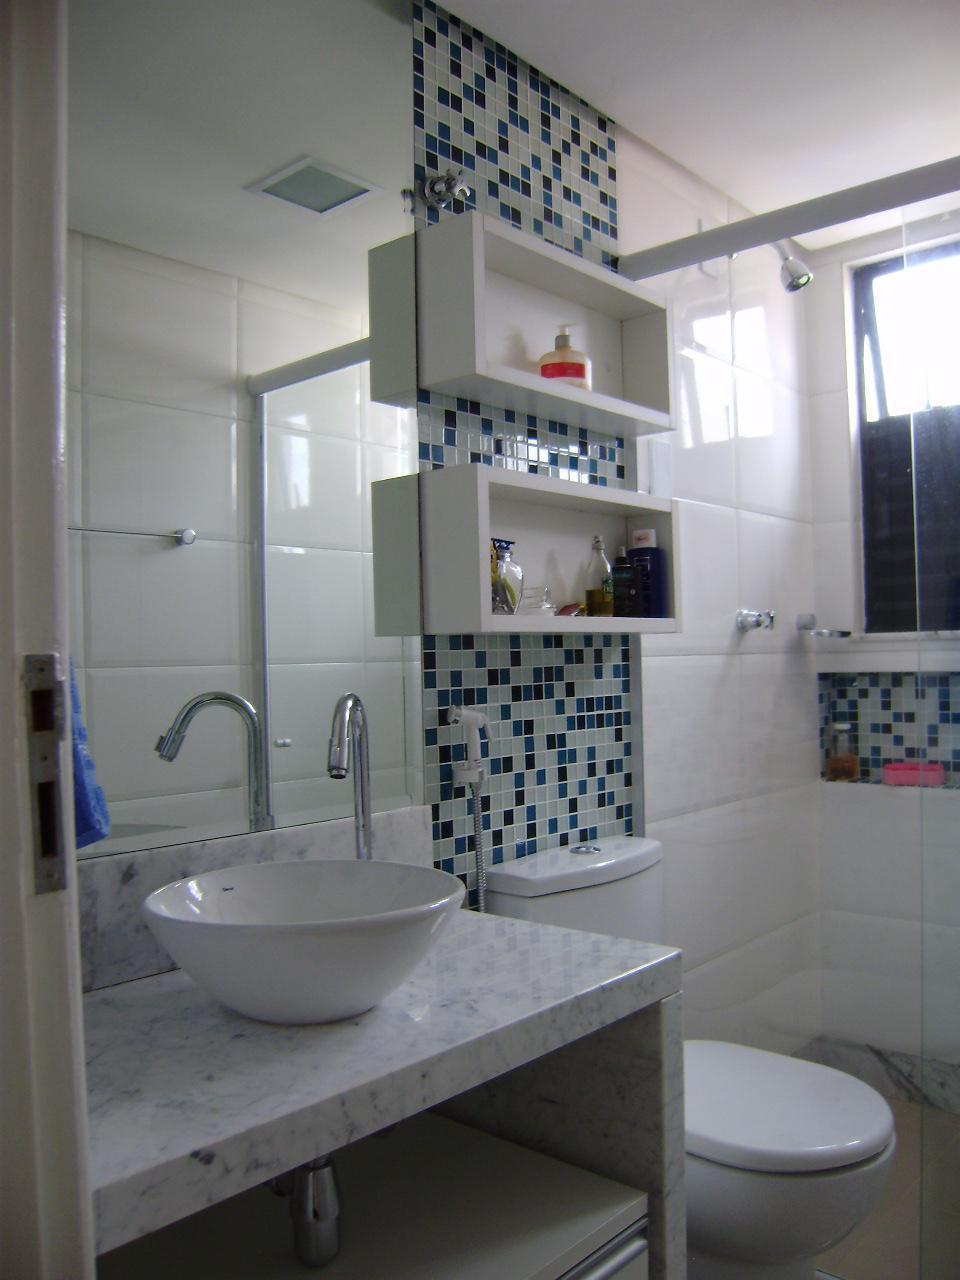 Decoração para banheiros pequenos com pastilhas  Decorando Casas -> Banheiro Pequeno Com Pastilhas Adesivas